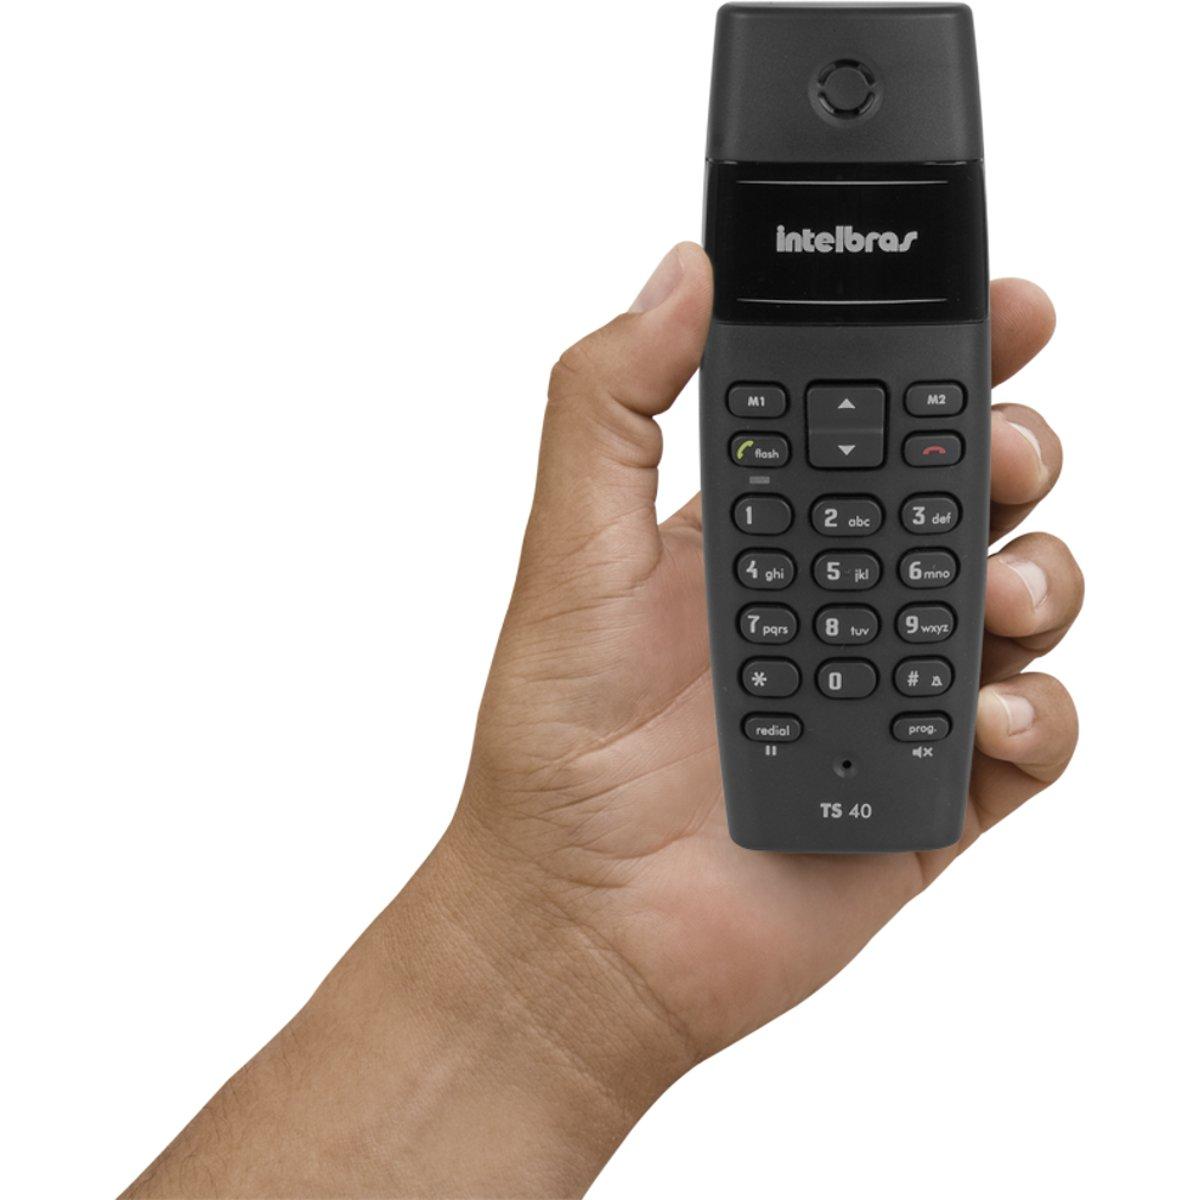 Telefone Intelbras TS 40 sem fio - Hope Tech Telecomunicações